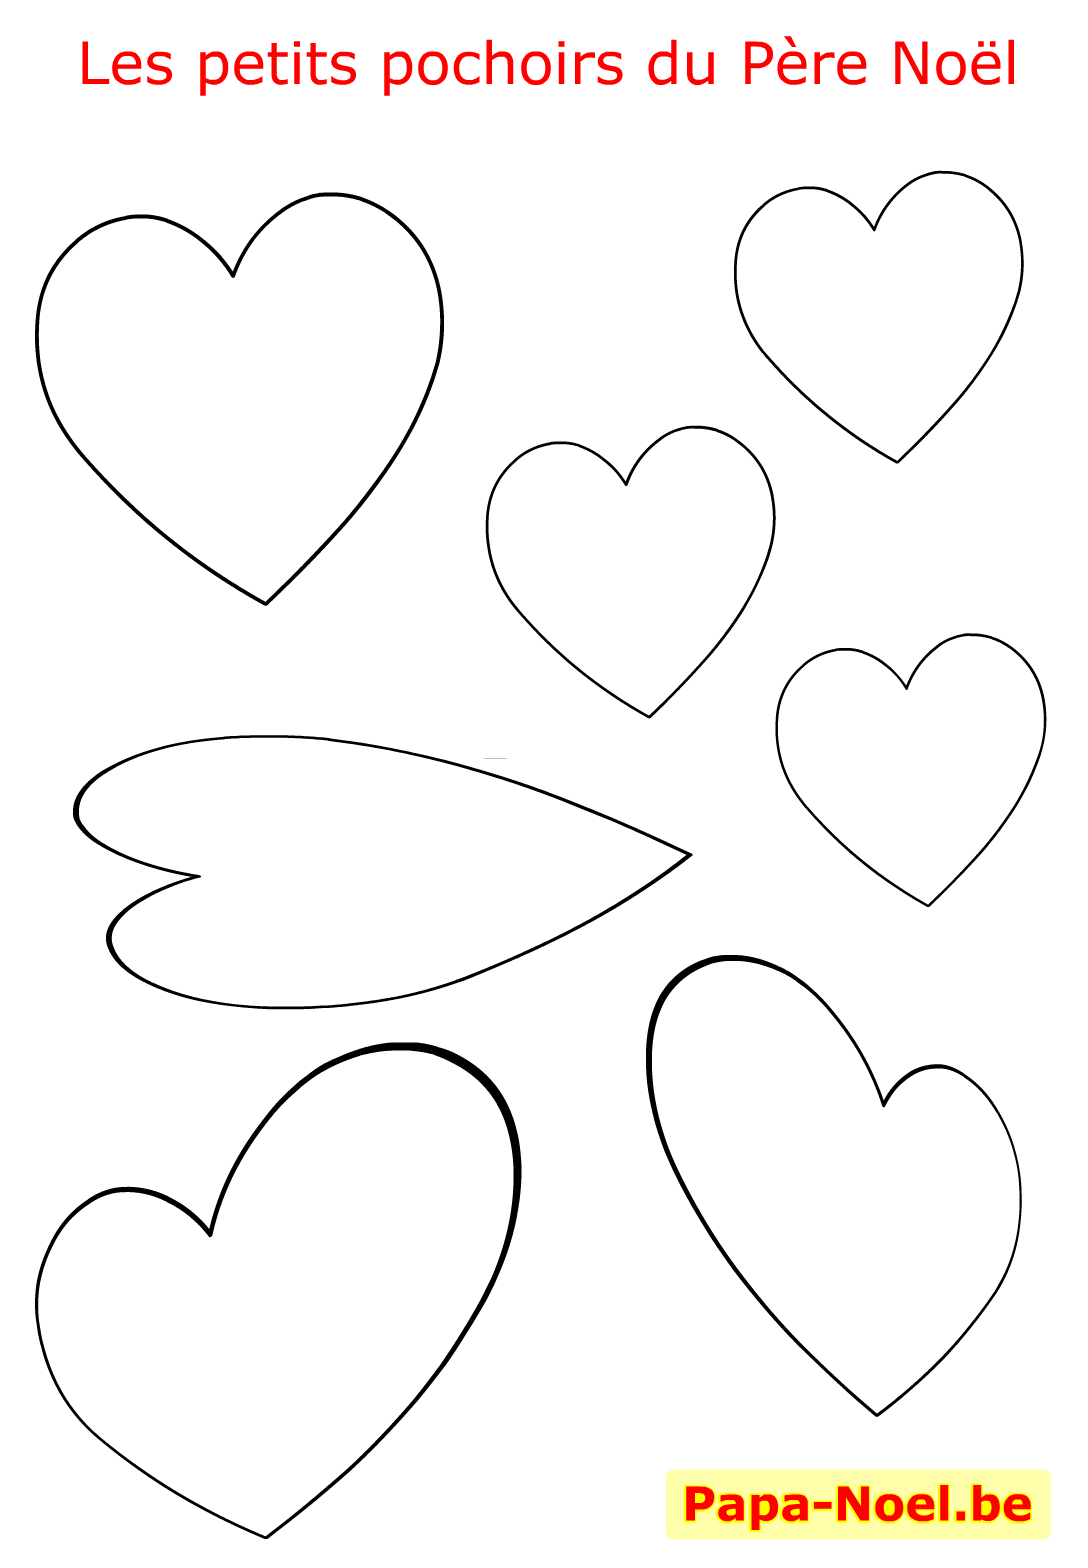 Pochoir De Noel Pochoirs À Imprimer Gratuit Dessin Coeur D concernant Coeur A Imprimer Et Decouper